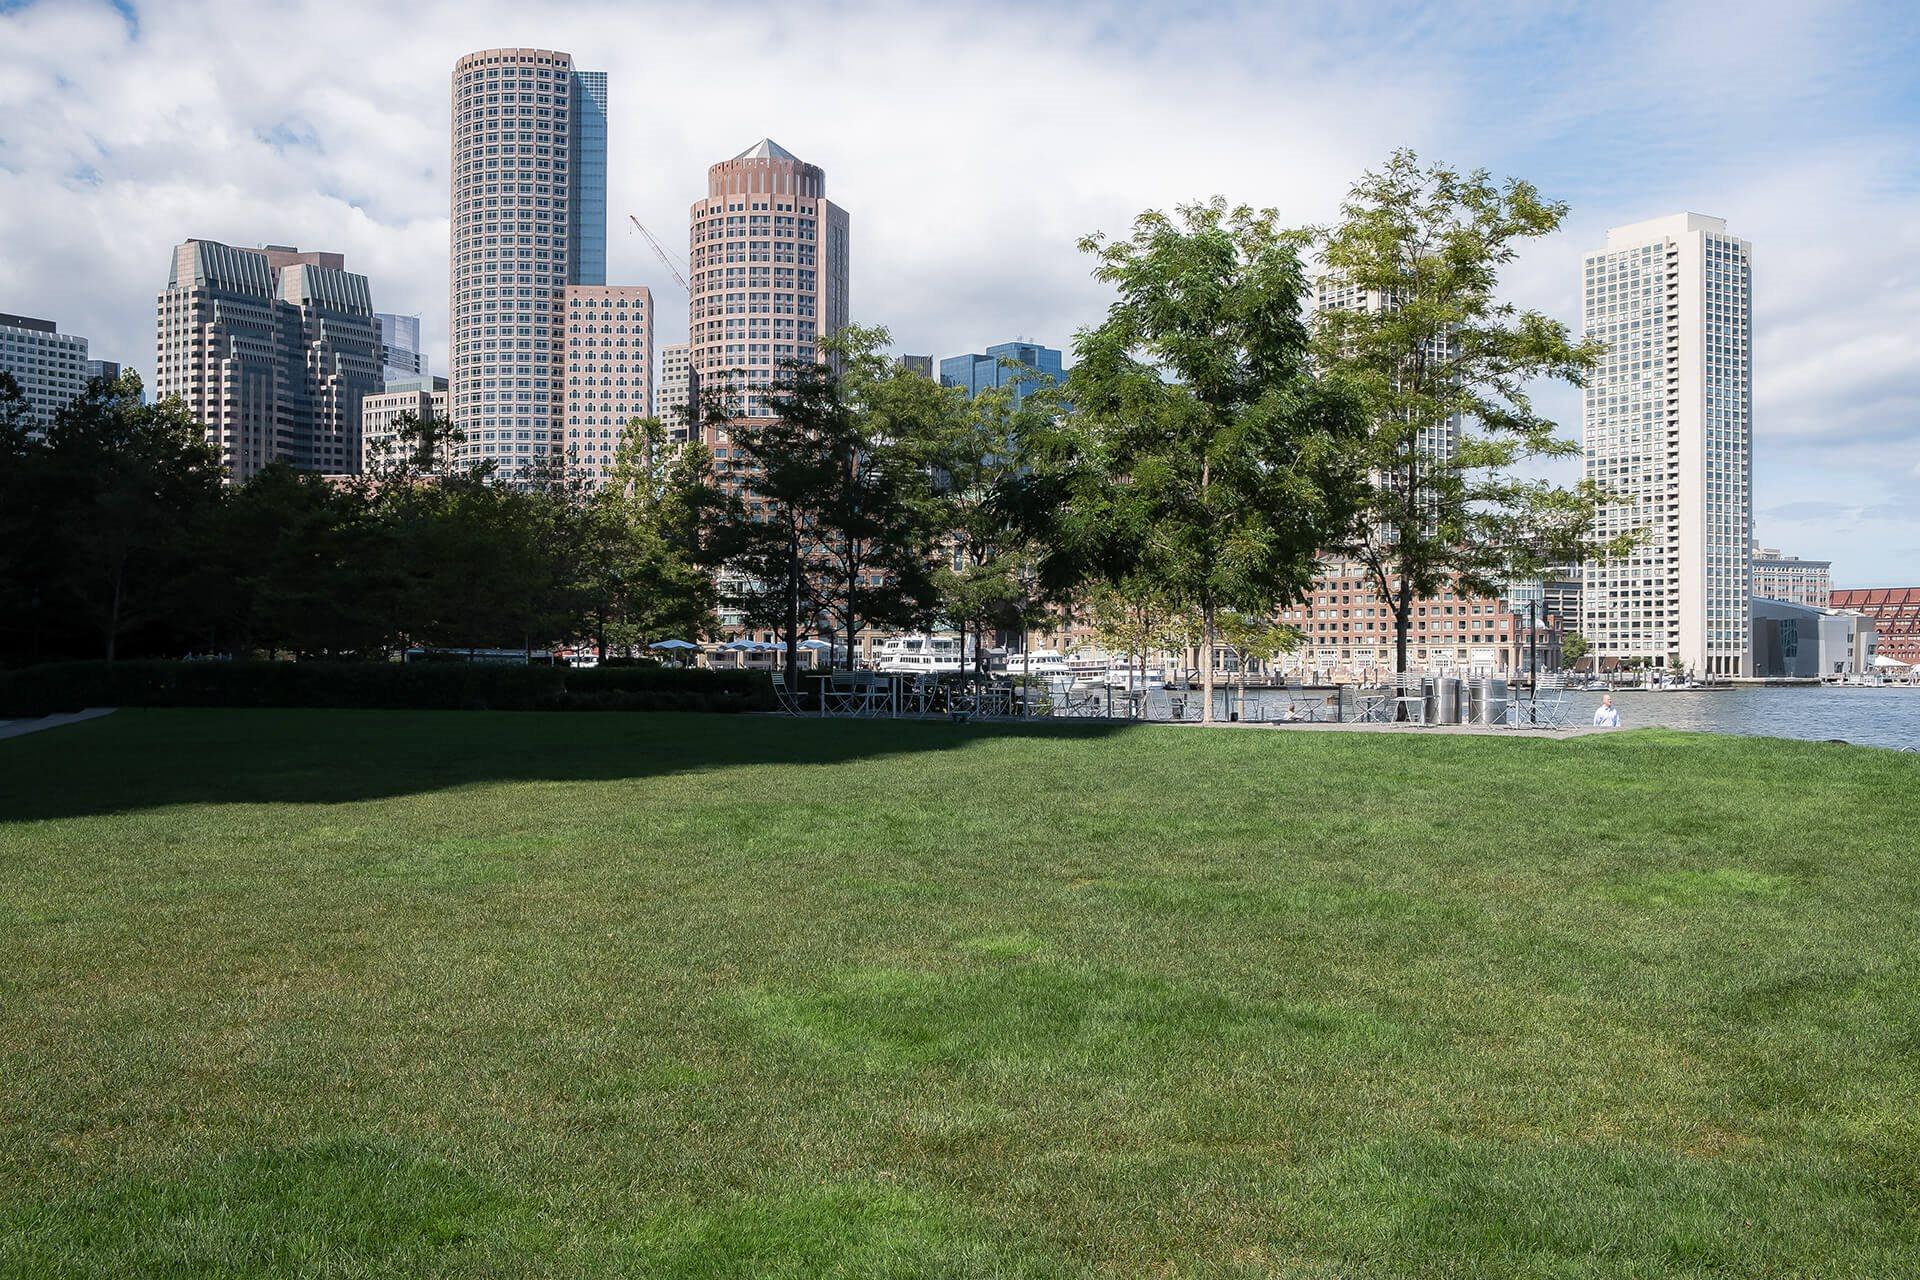 Fan Pier Park near Waterside Place by Windsor, Boston, MA